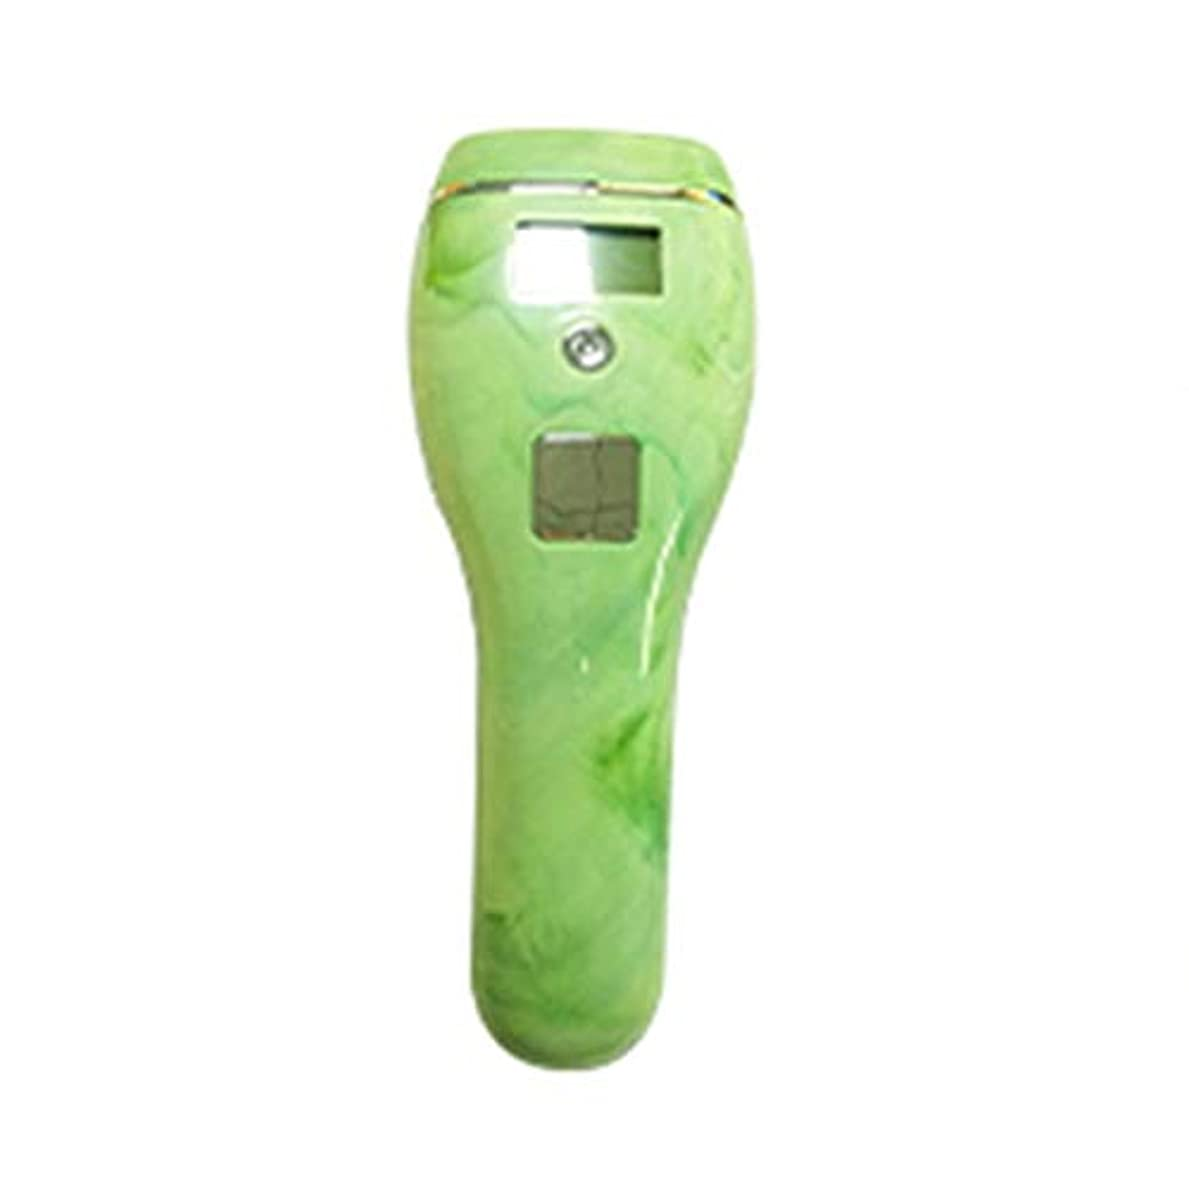 バレーボールビット翻訳者ダパイ 自動肌のカラーセンシング、グリーン、5速調整、クォーツチューブ、携帯用痛みのない全身凍結乾燥用除湿器、サイズ19x7x5cm U546 (Color : Green)